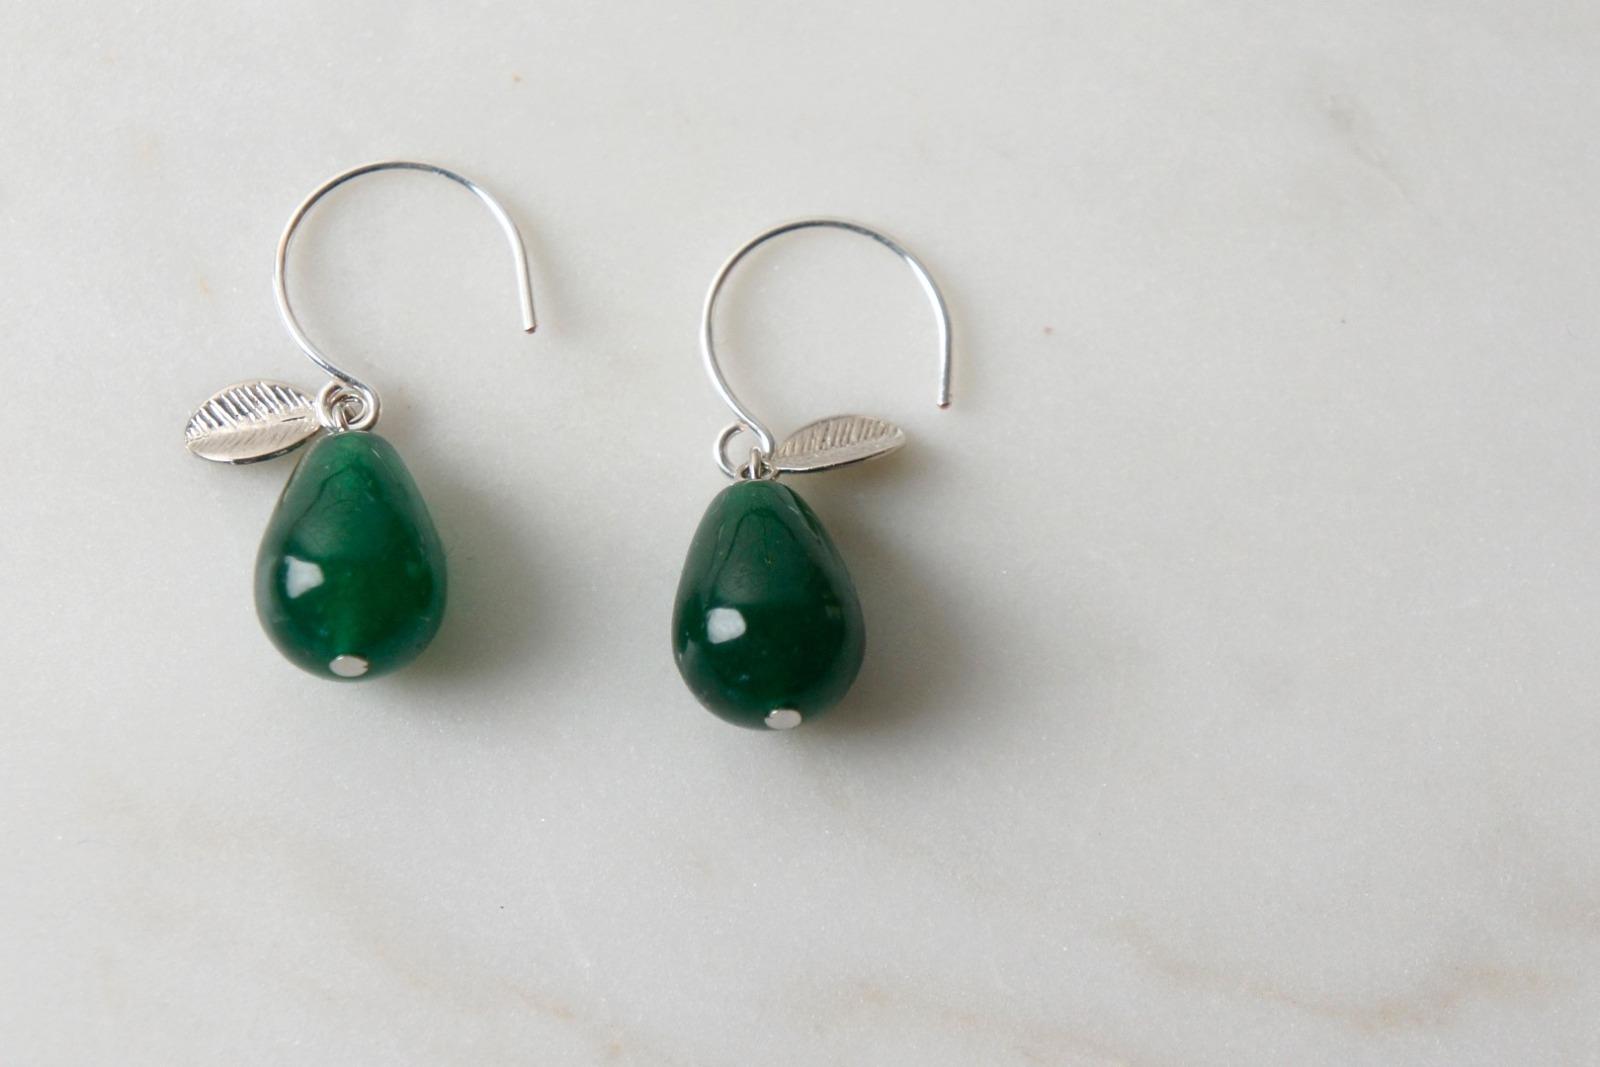 Ohrhänger silber mit Tropfen aus grüner